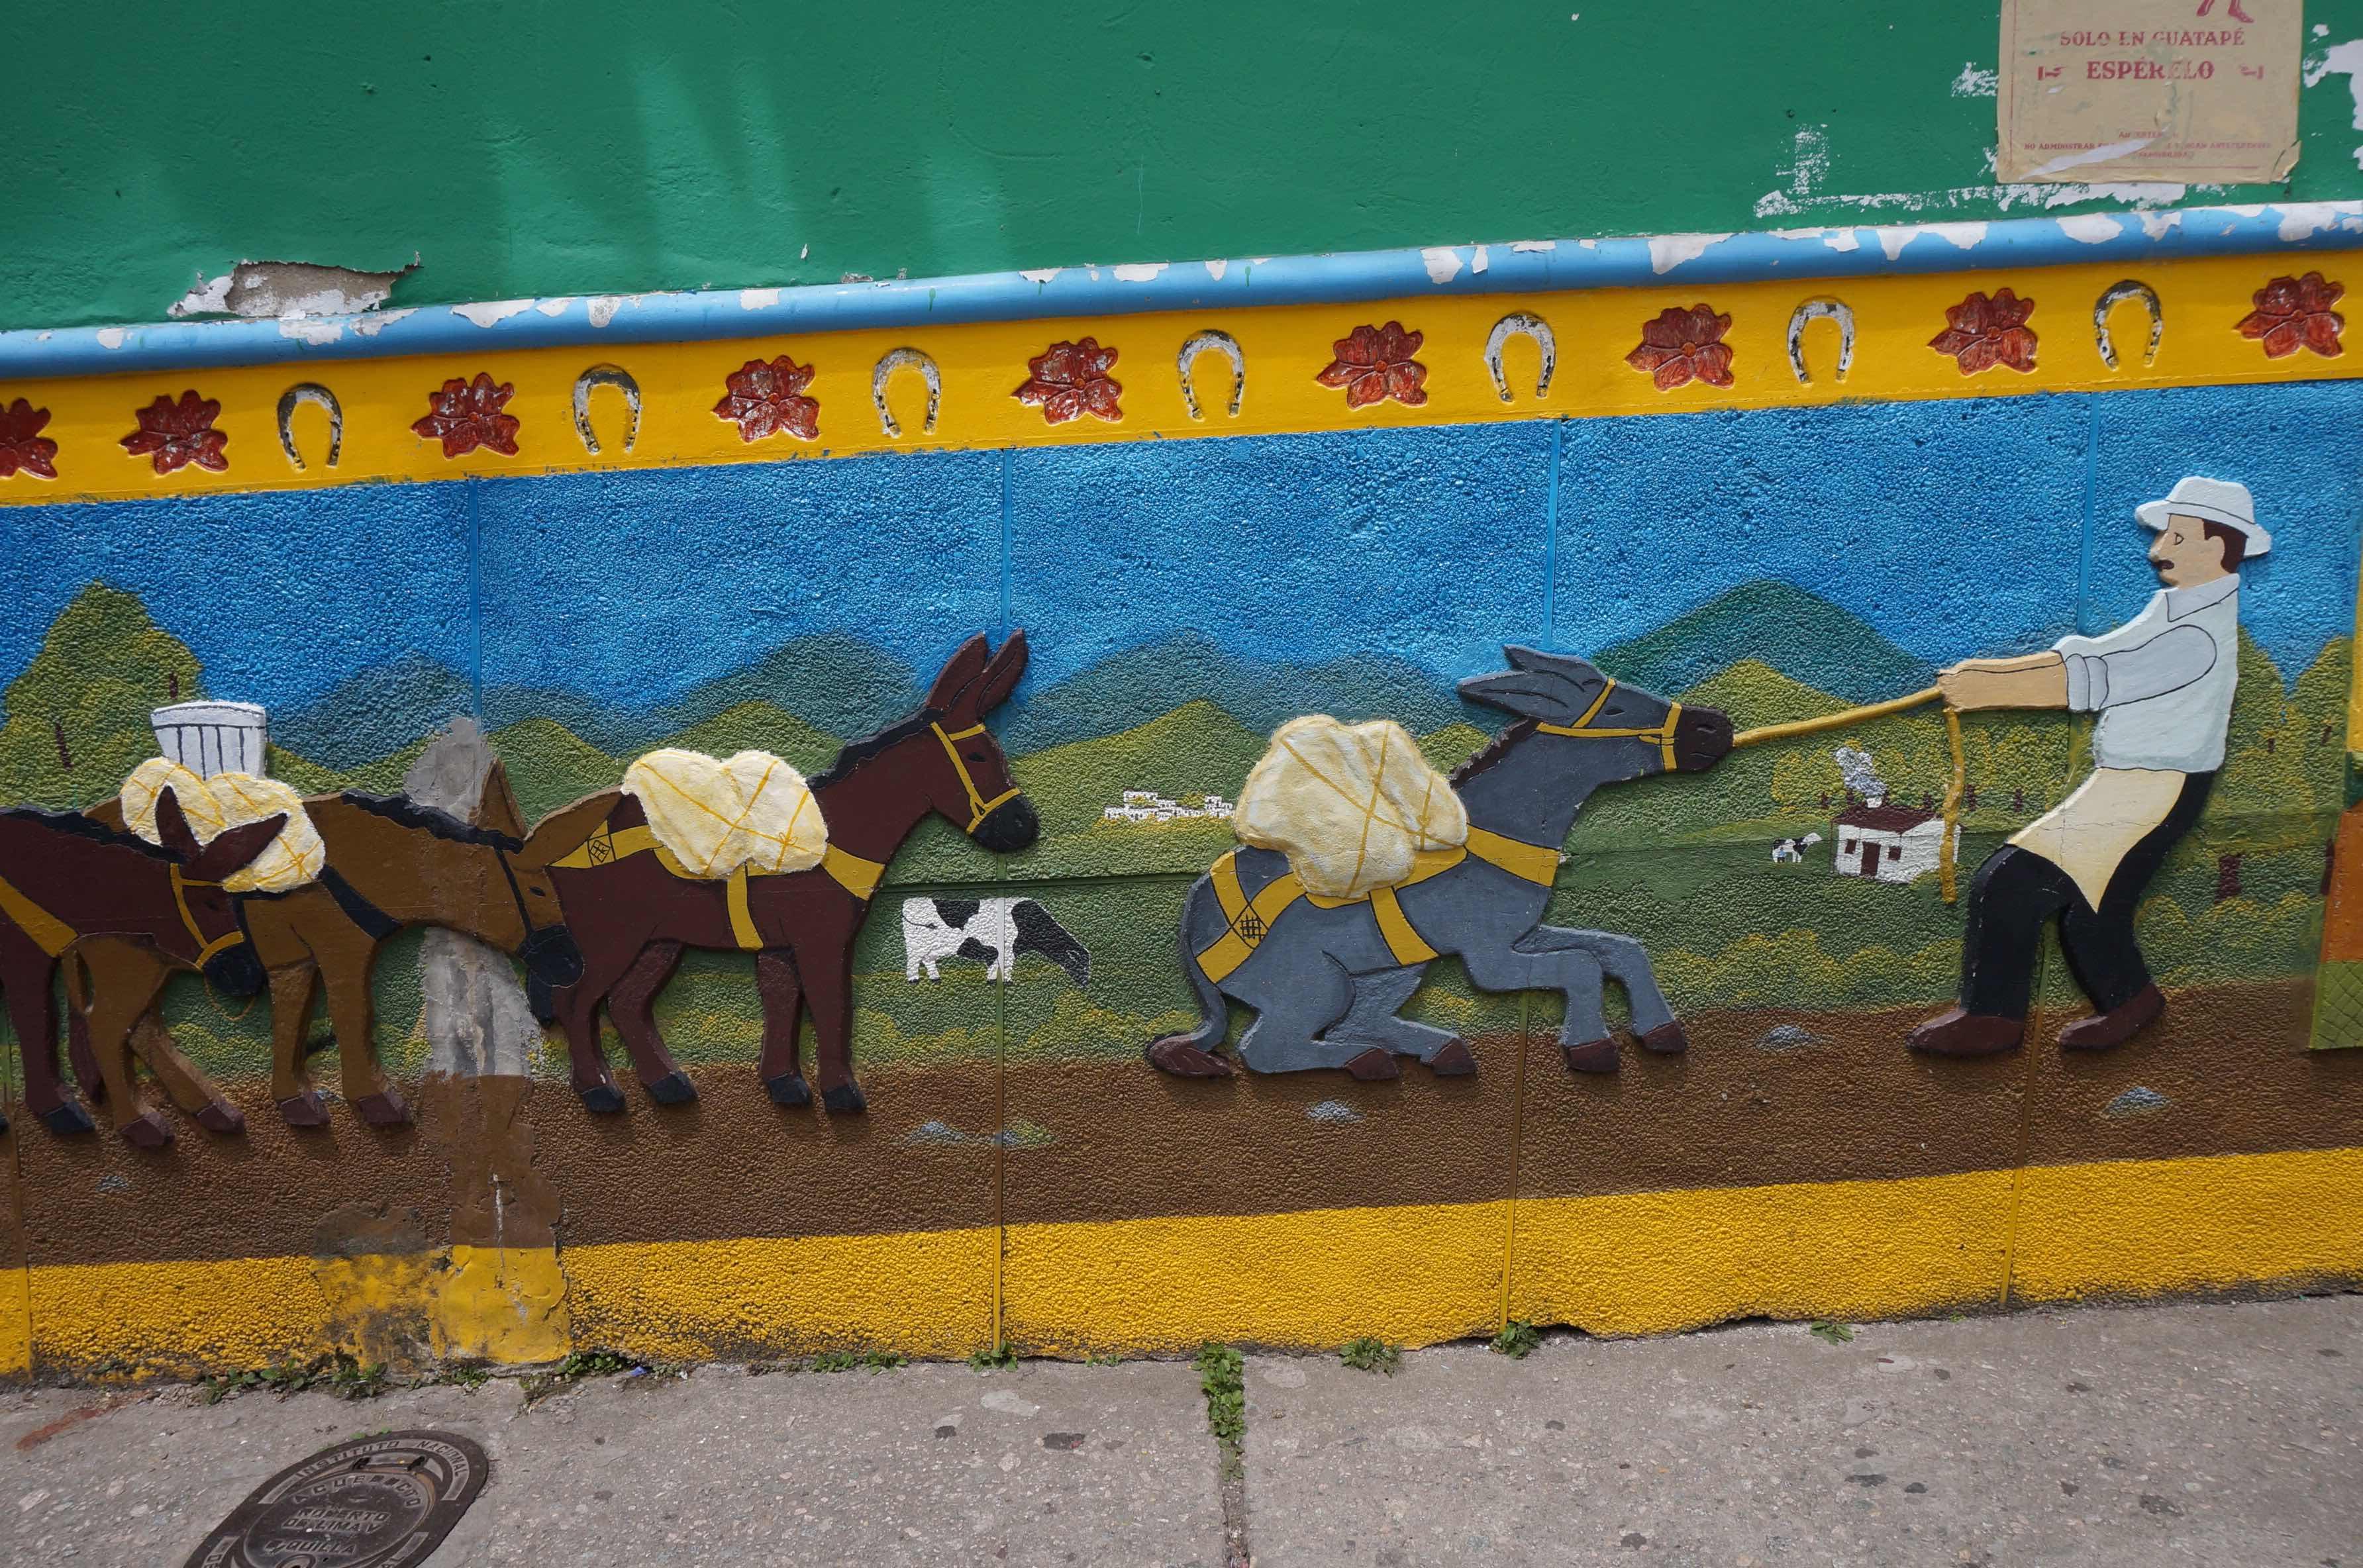 village de guatapé, zocalos, colombie